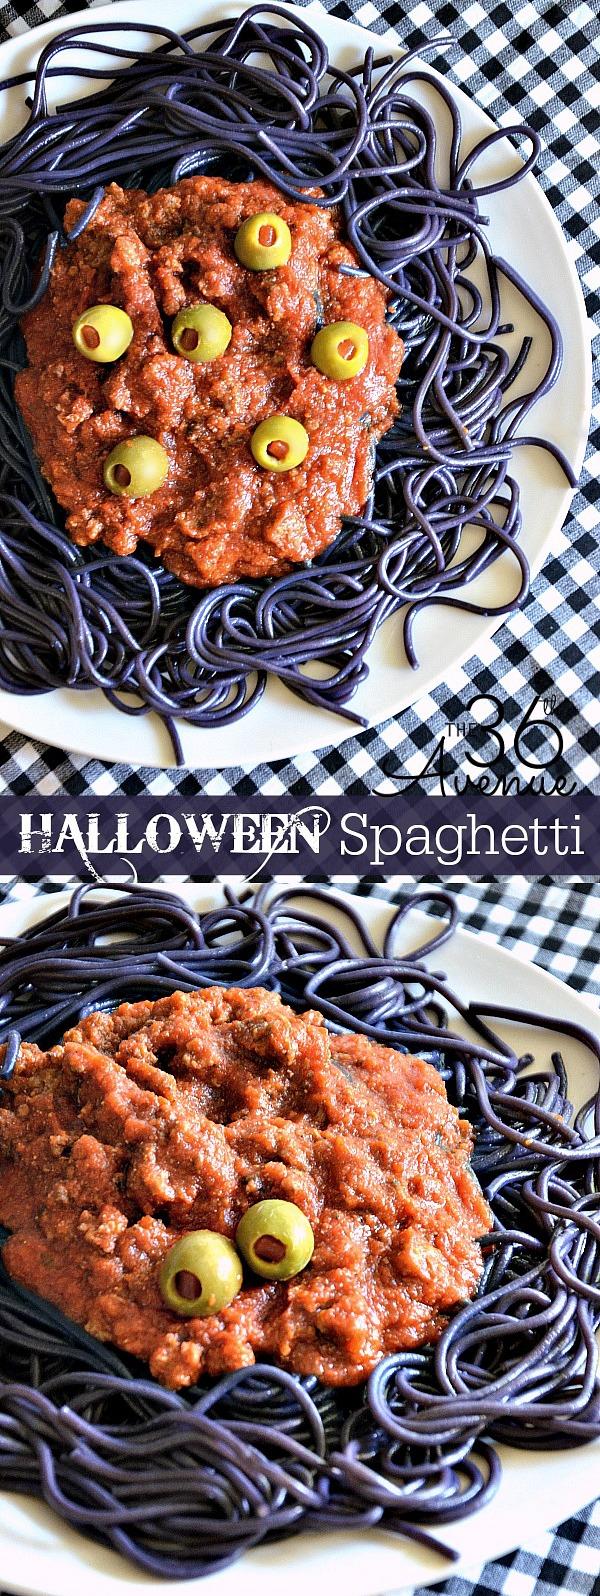 Halloween Spaghetti Recipe